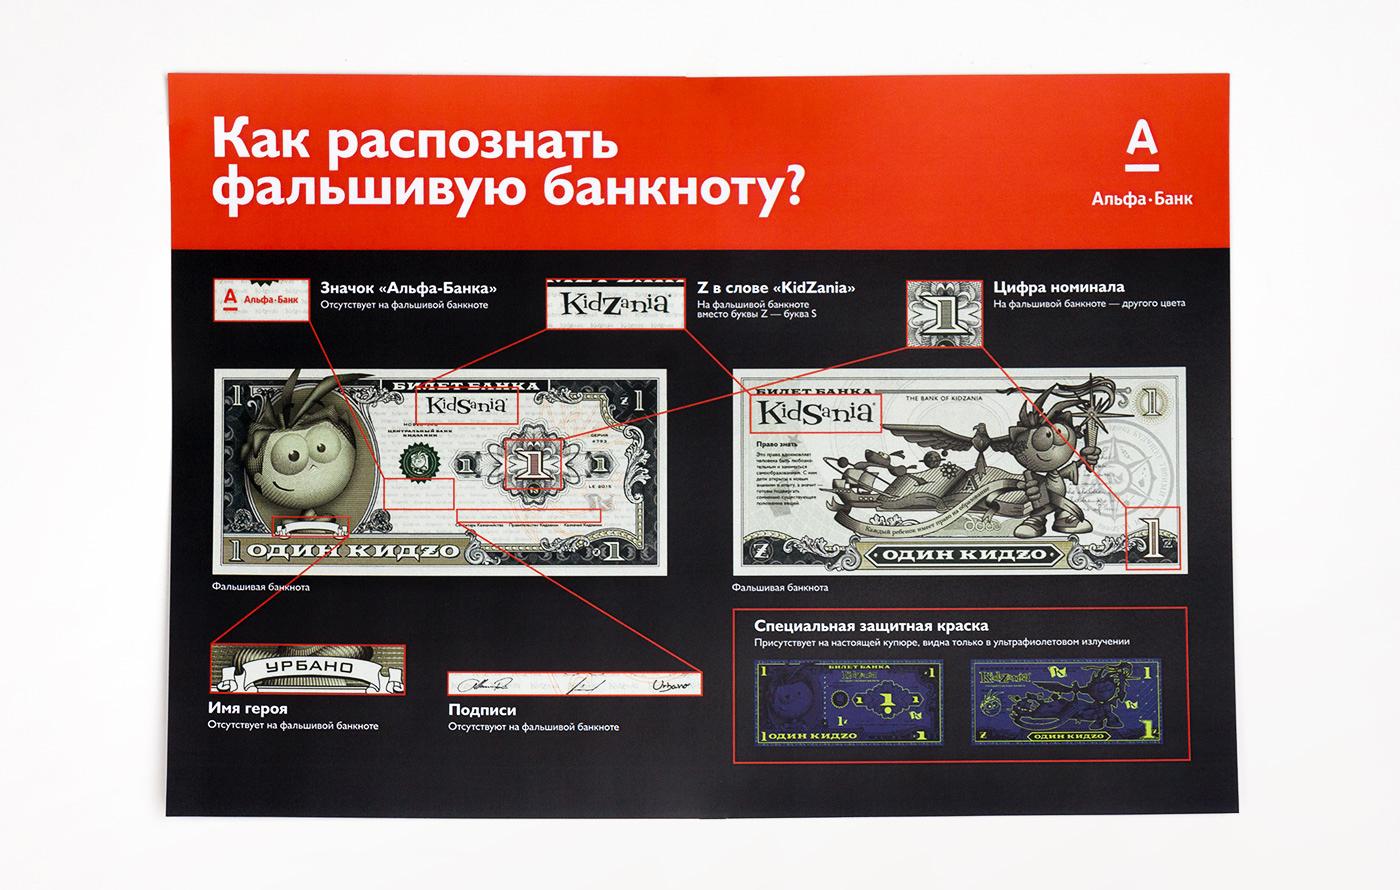 just-be-nice_kidzania_alfabank-3.jpg